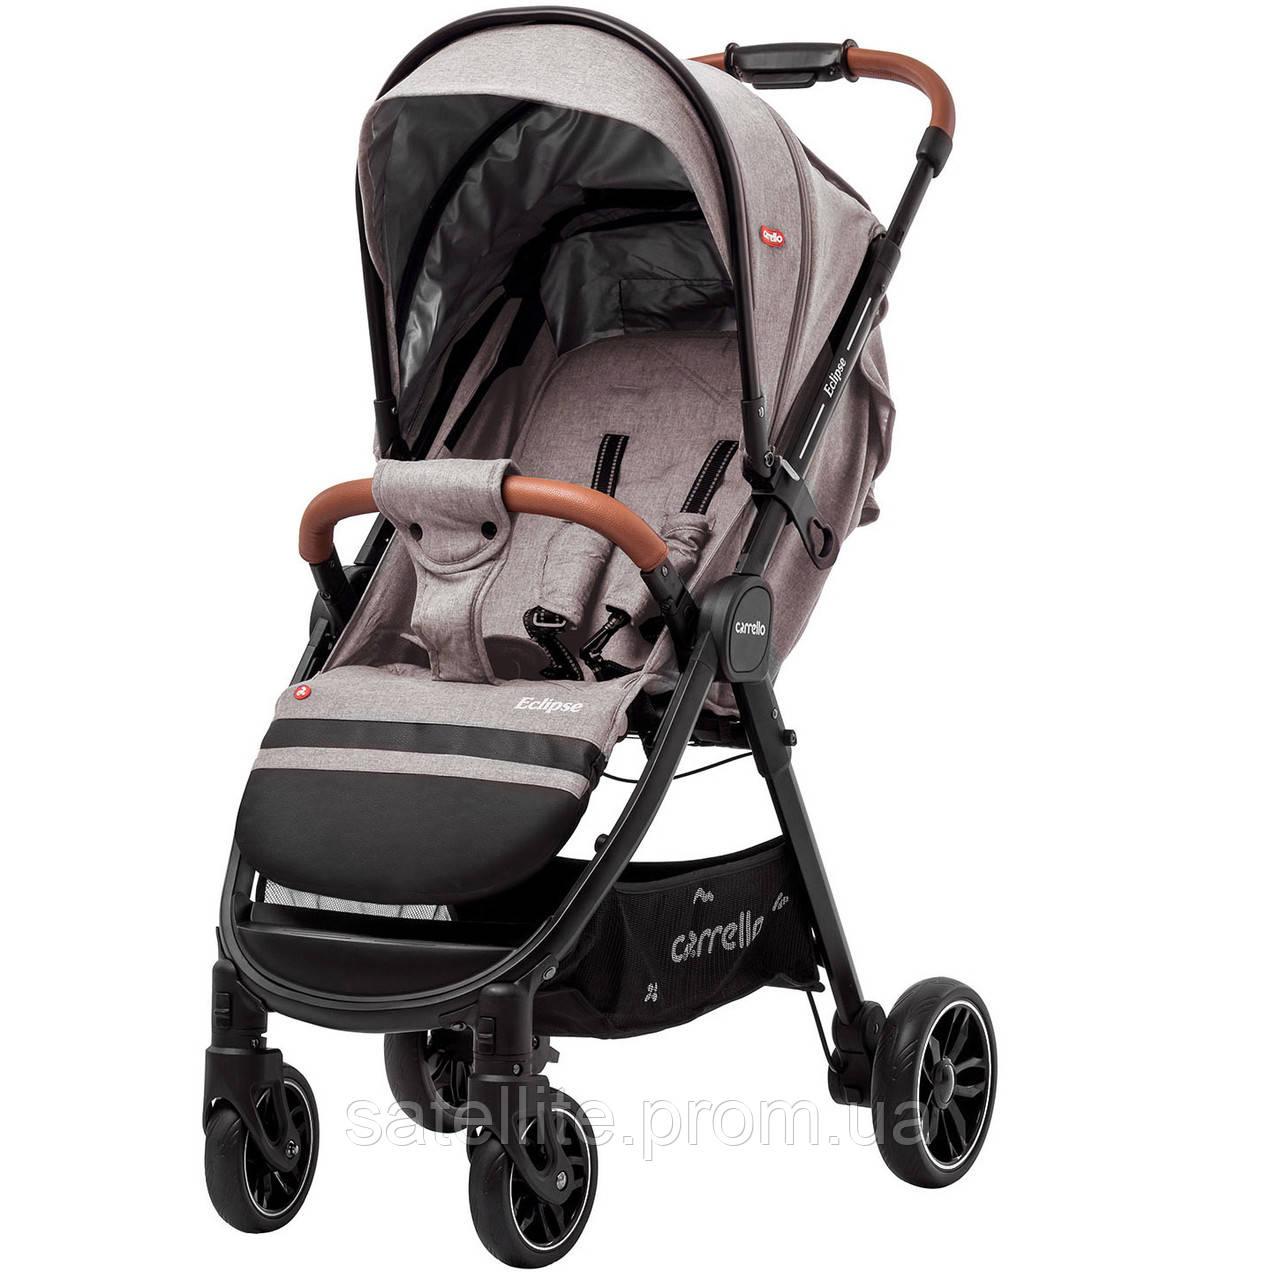 Детская прогулочная коляска CARRELLO Eclipse CRL-12001/1 Cotton Beige (льняная ткань) +Дождевик.